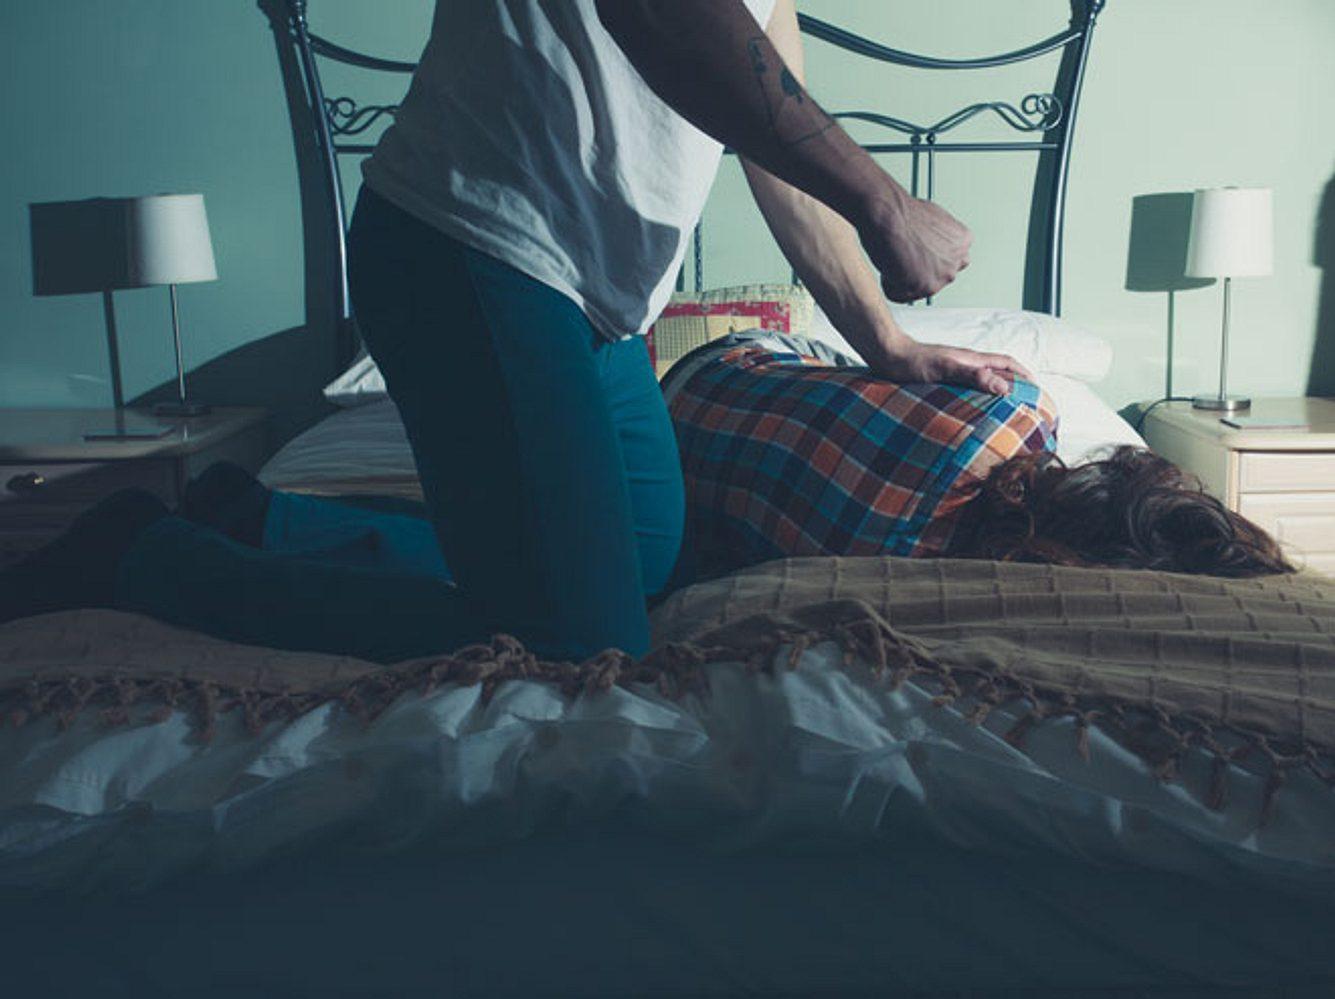 Häusliche Gewalt in der Beziehung ist keine Seltenheit!